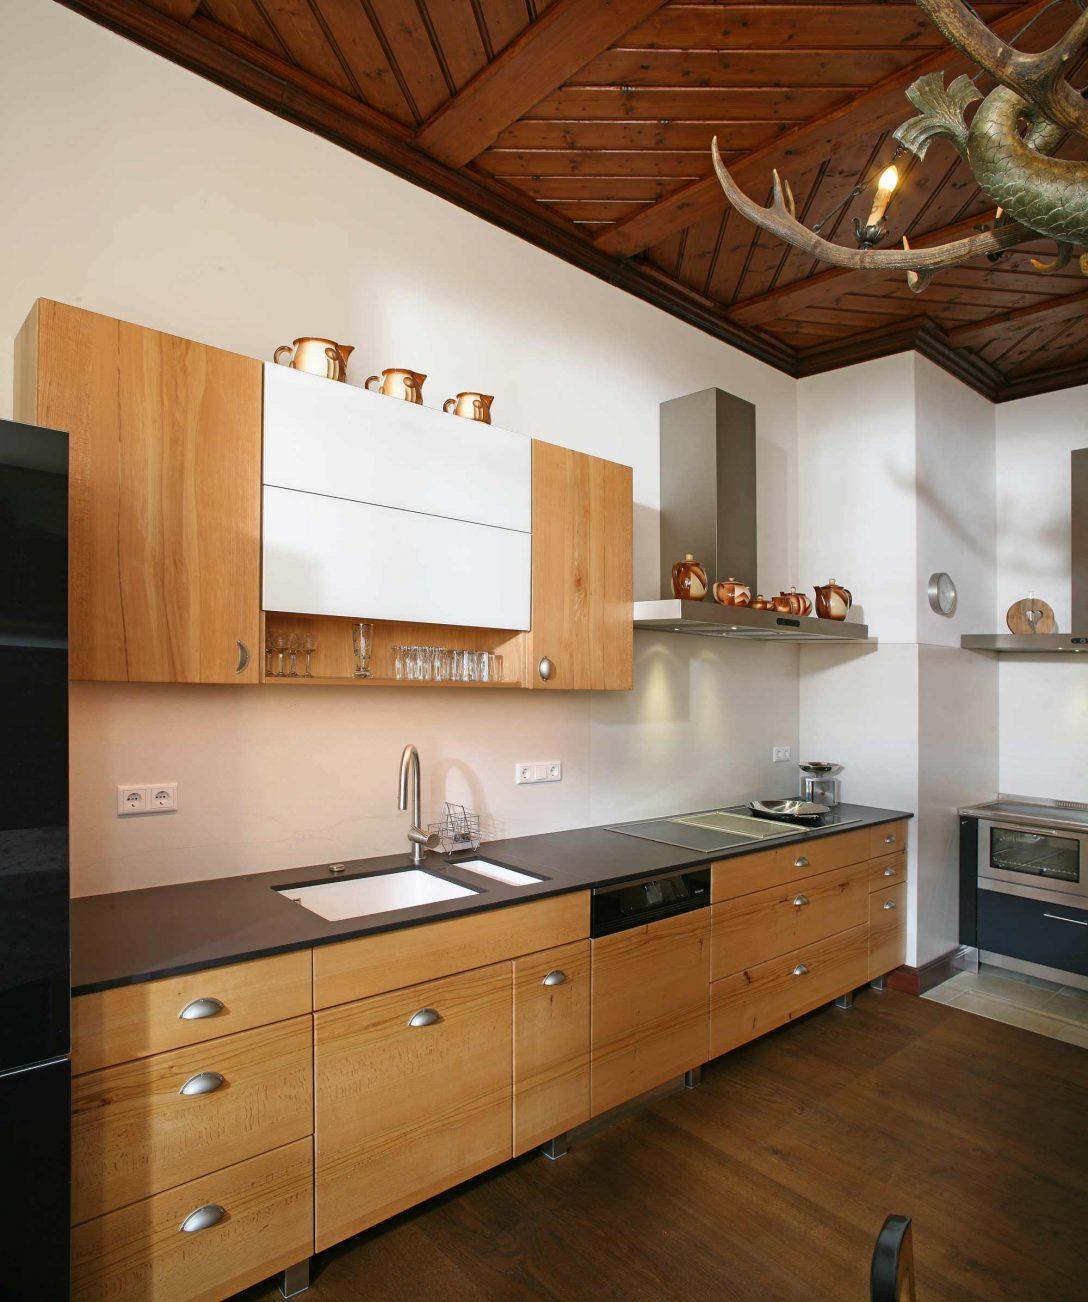 Large Size of Massivholzküche Ebay Massivholzküche Bilder Bax Massivholzküche Massivholz Küche Vom Tischler Küche Massivholzküche